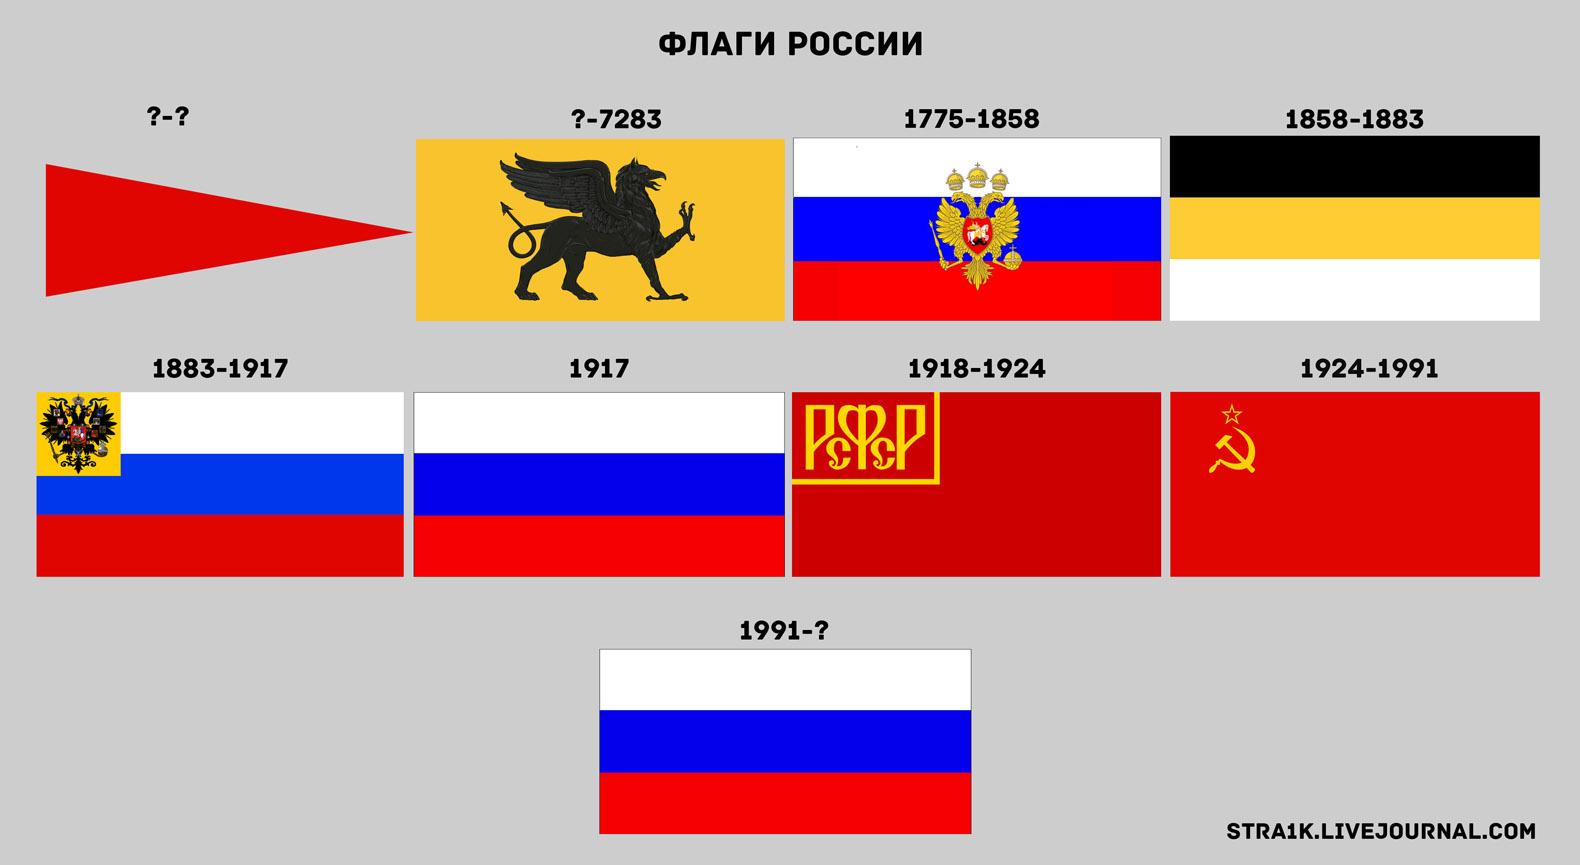 флаг с красно синим знаком на белом фоне